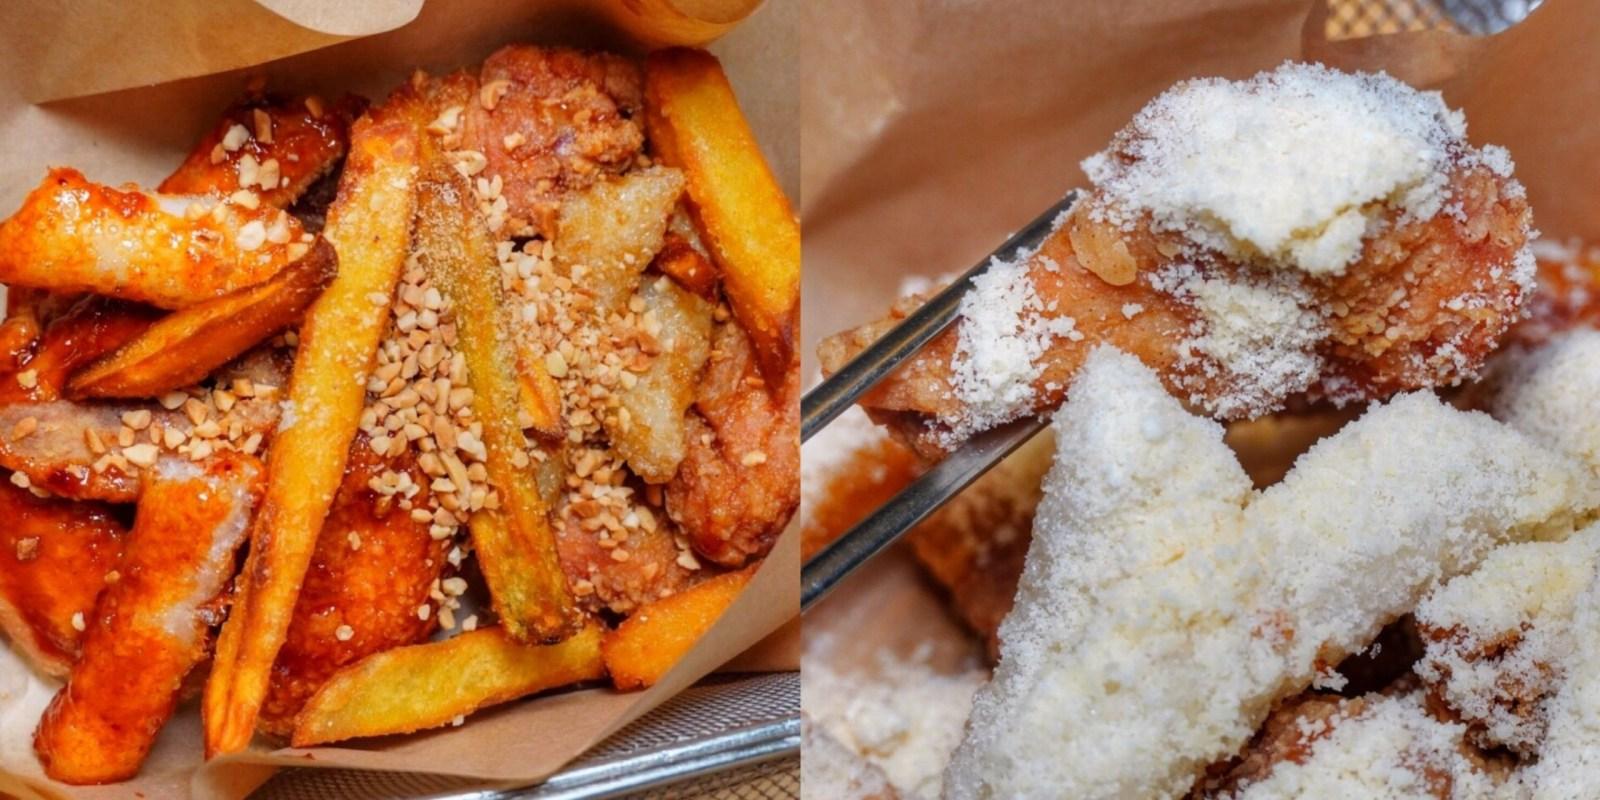 全台第一間【扁筷韓式料理】在台南!免出國就能品嚐道地韓料,大推雪花炸雞+手切牛排|整條泡菜/小菜可免費續